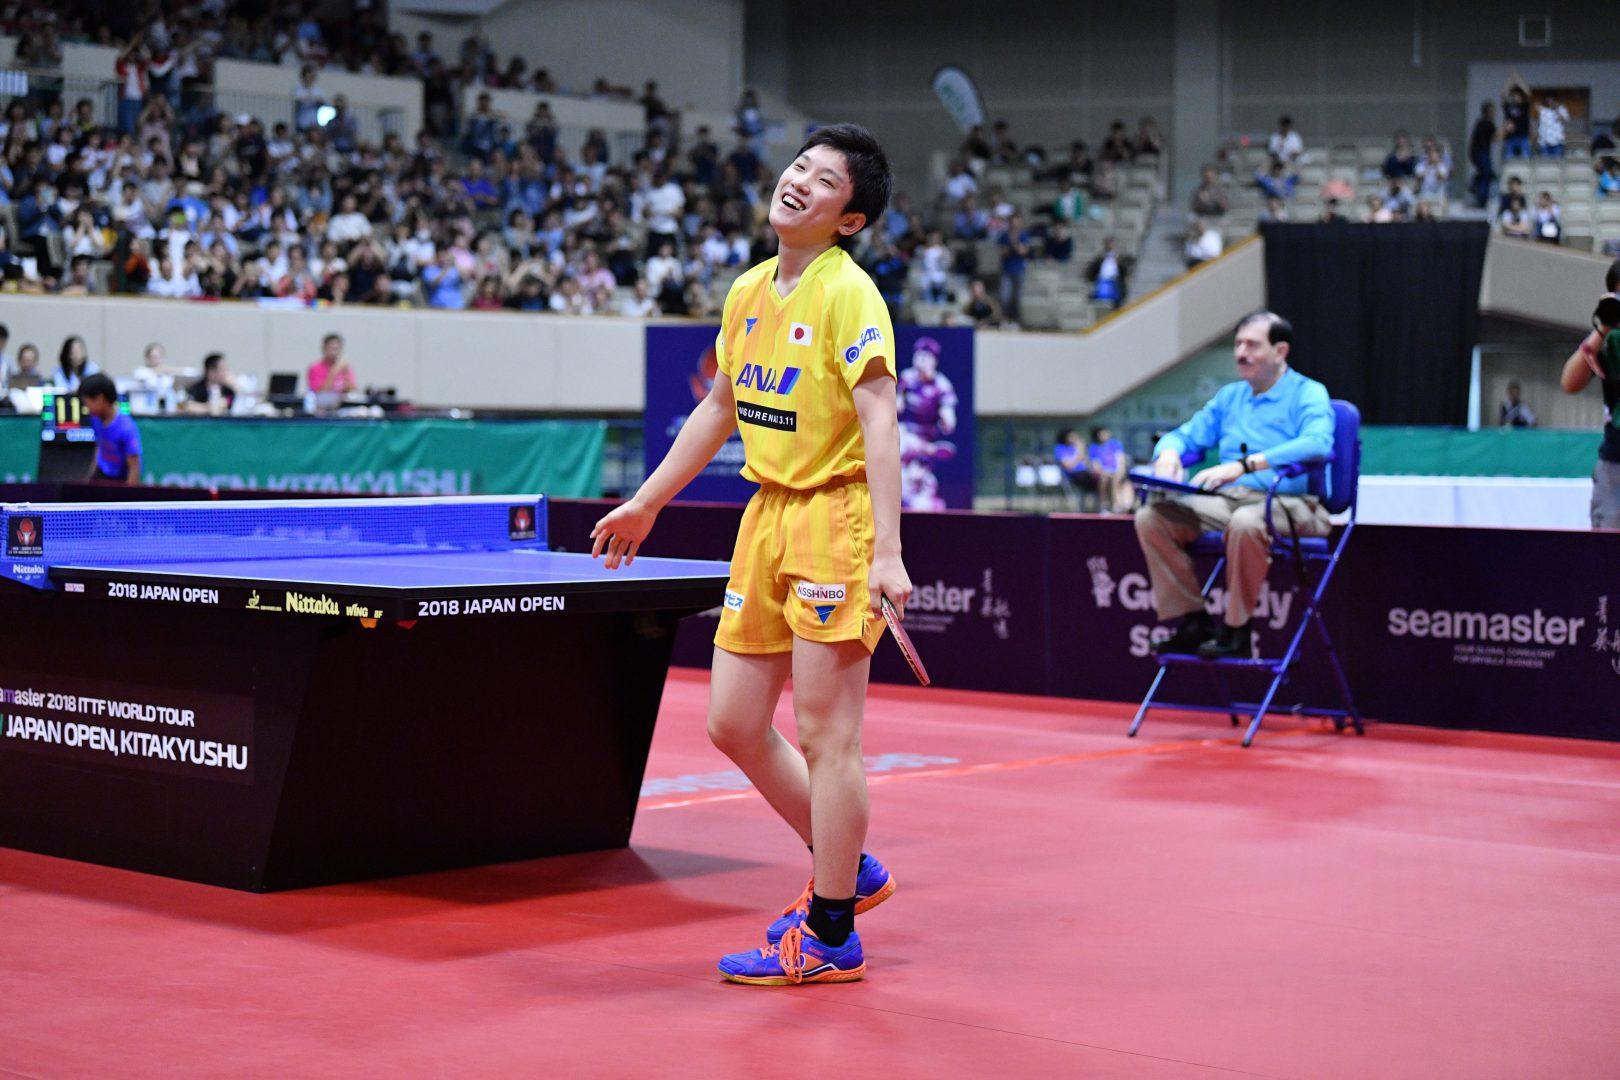 張本智和が自己最高8位、日本人トップに|卓球男子世界ランキング(7月最新発表)